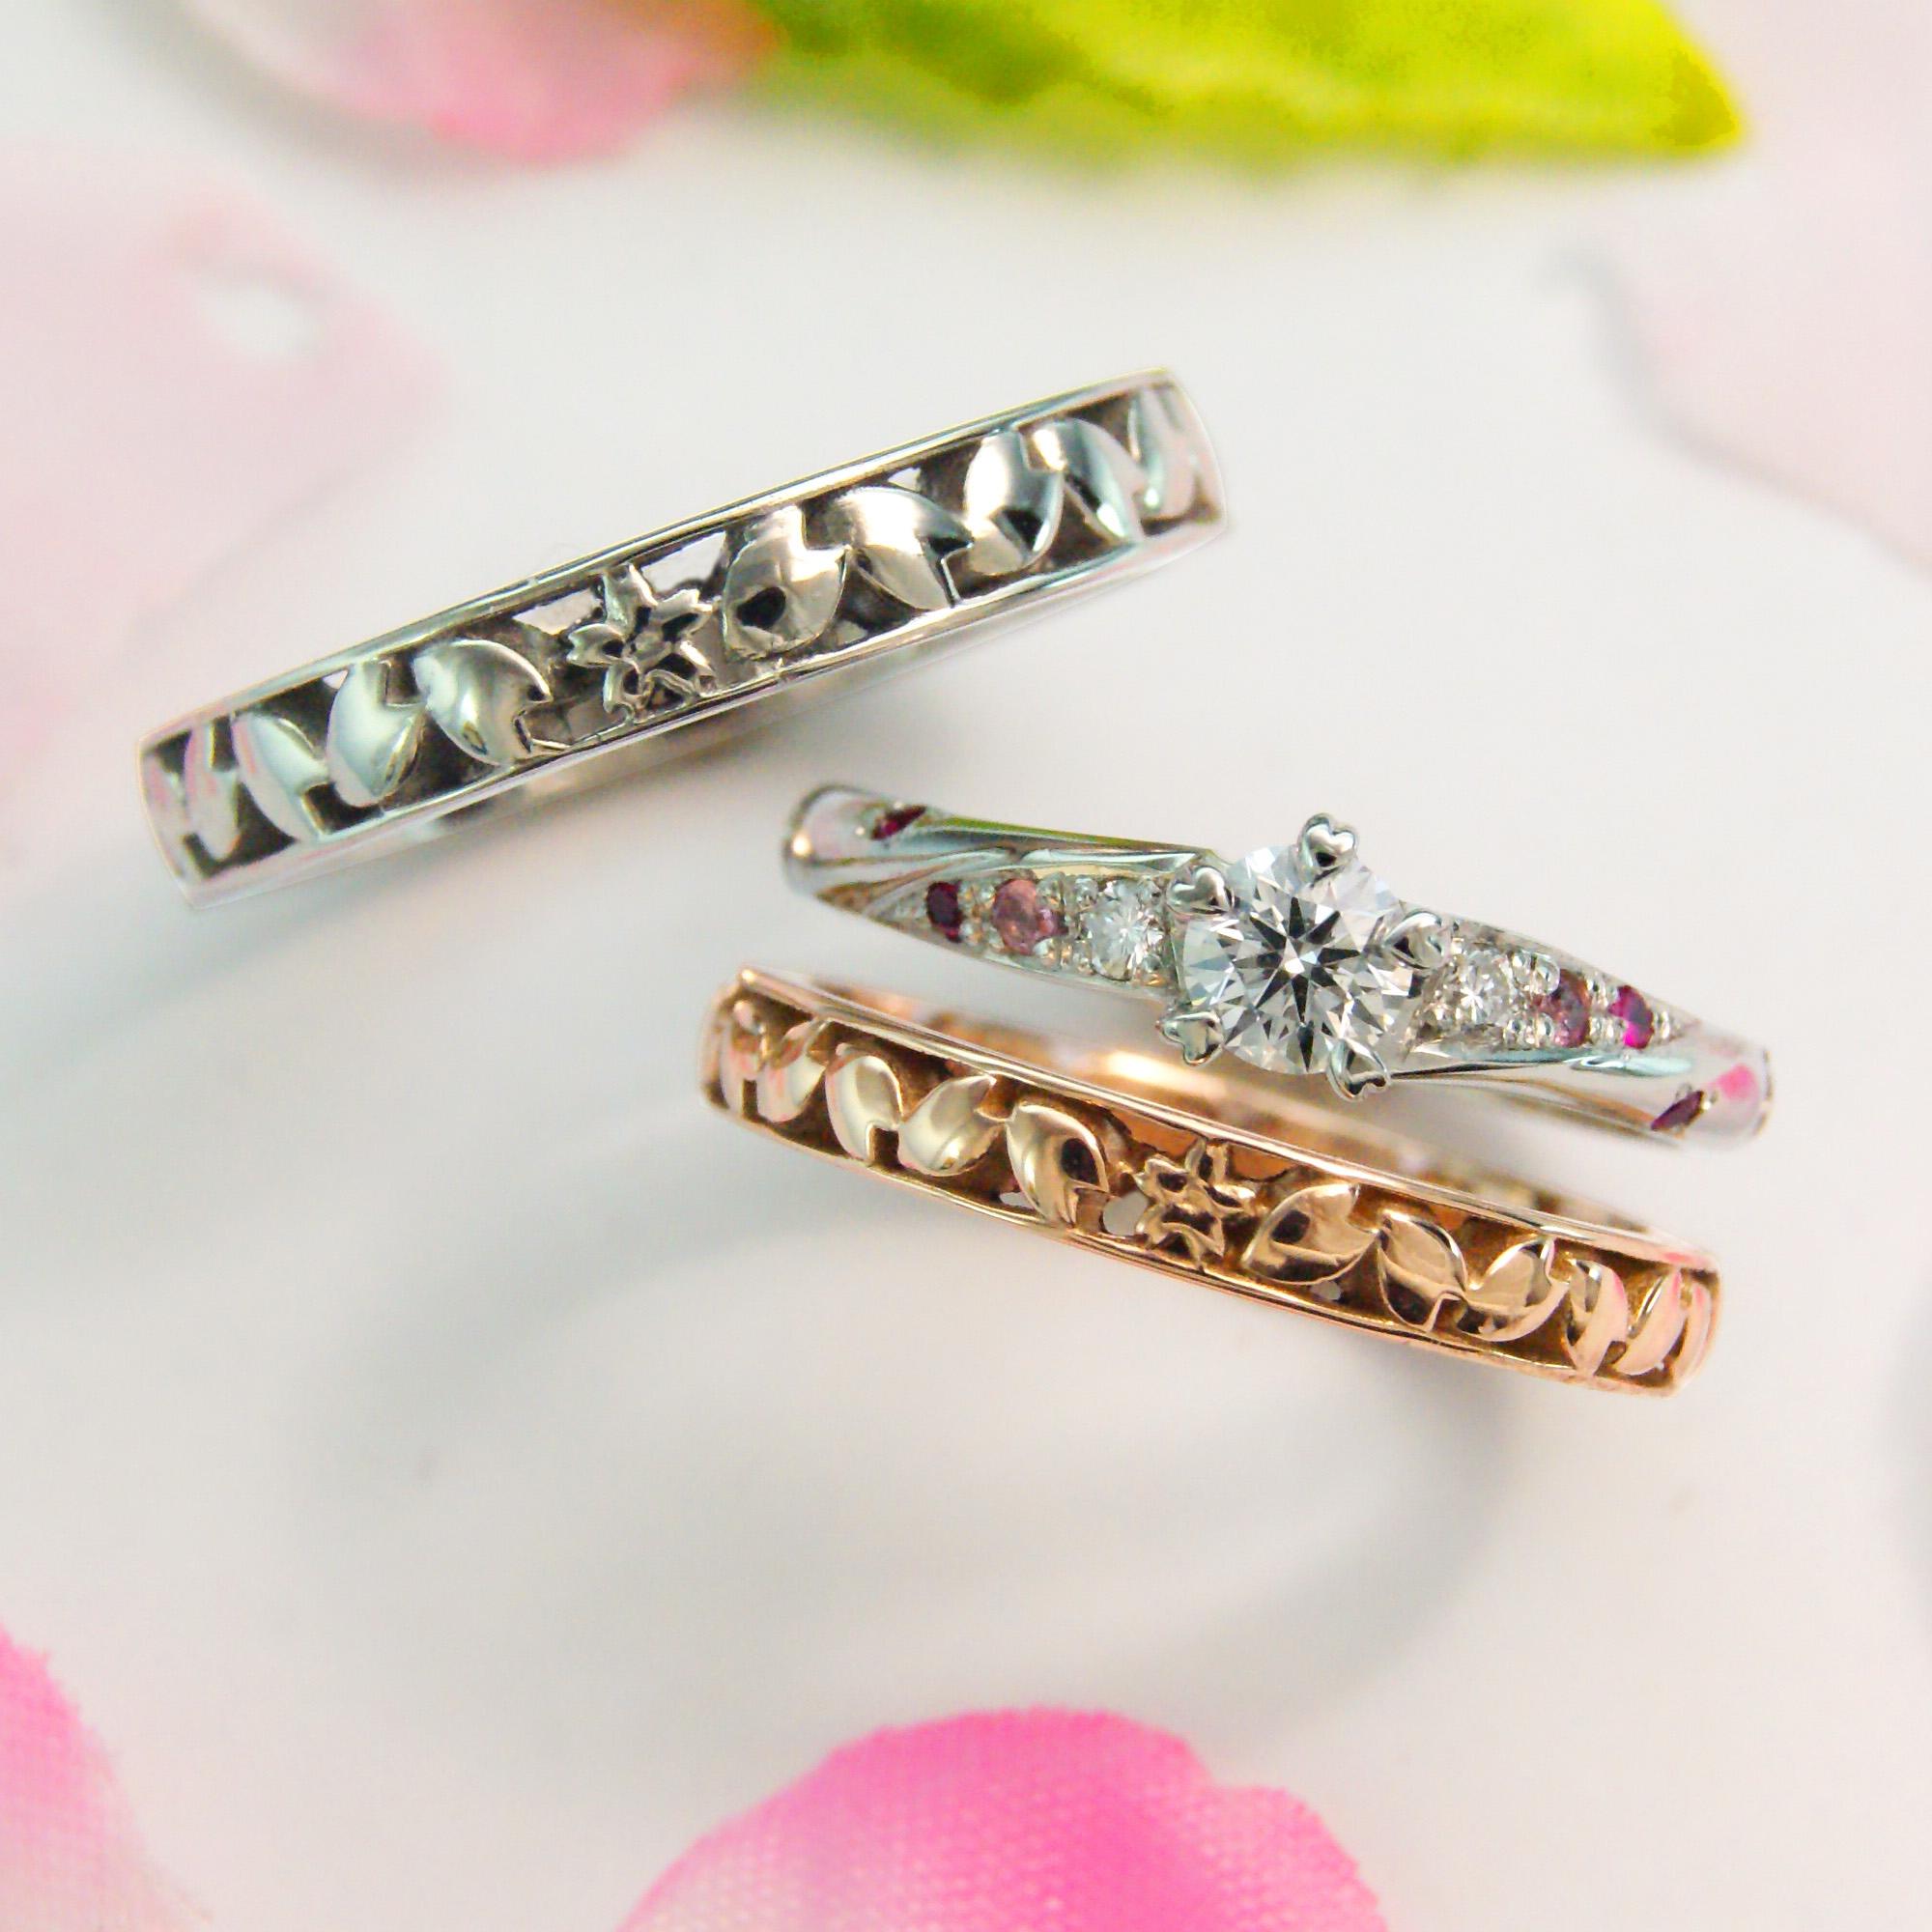 世界に一つだけの結婚指輪 kazariyaYui 福島県郡山市 結婚指輪 婚約指輪 桜